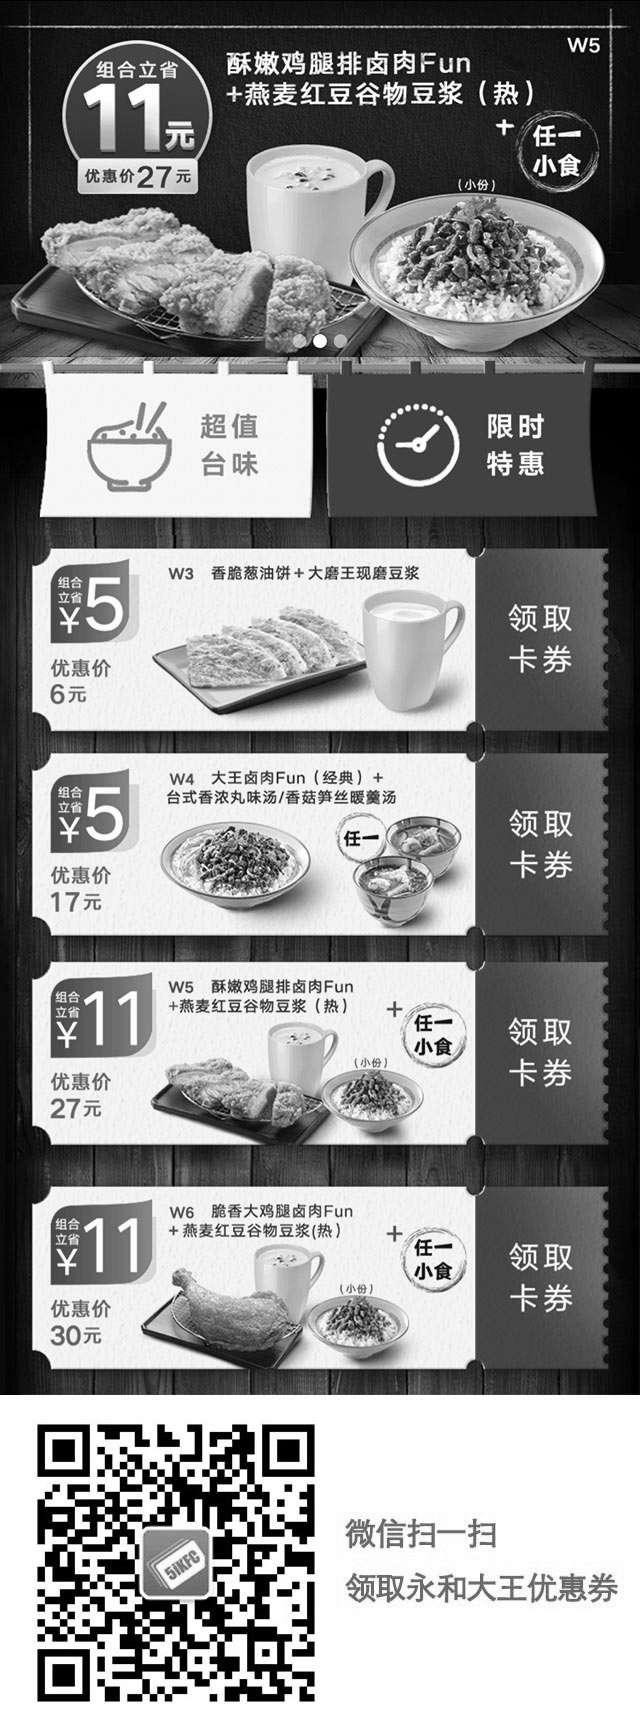 黑白优惠券图片:永和大王2019年2月3月限时特惠优惠券,超值套餐6元起 - www.5ikfc.com